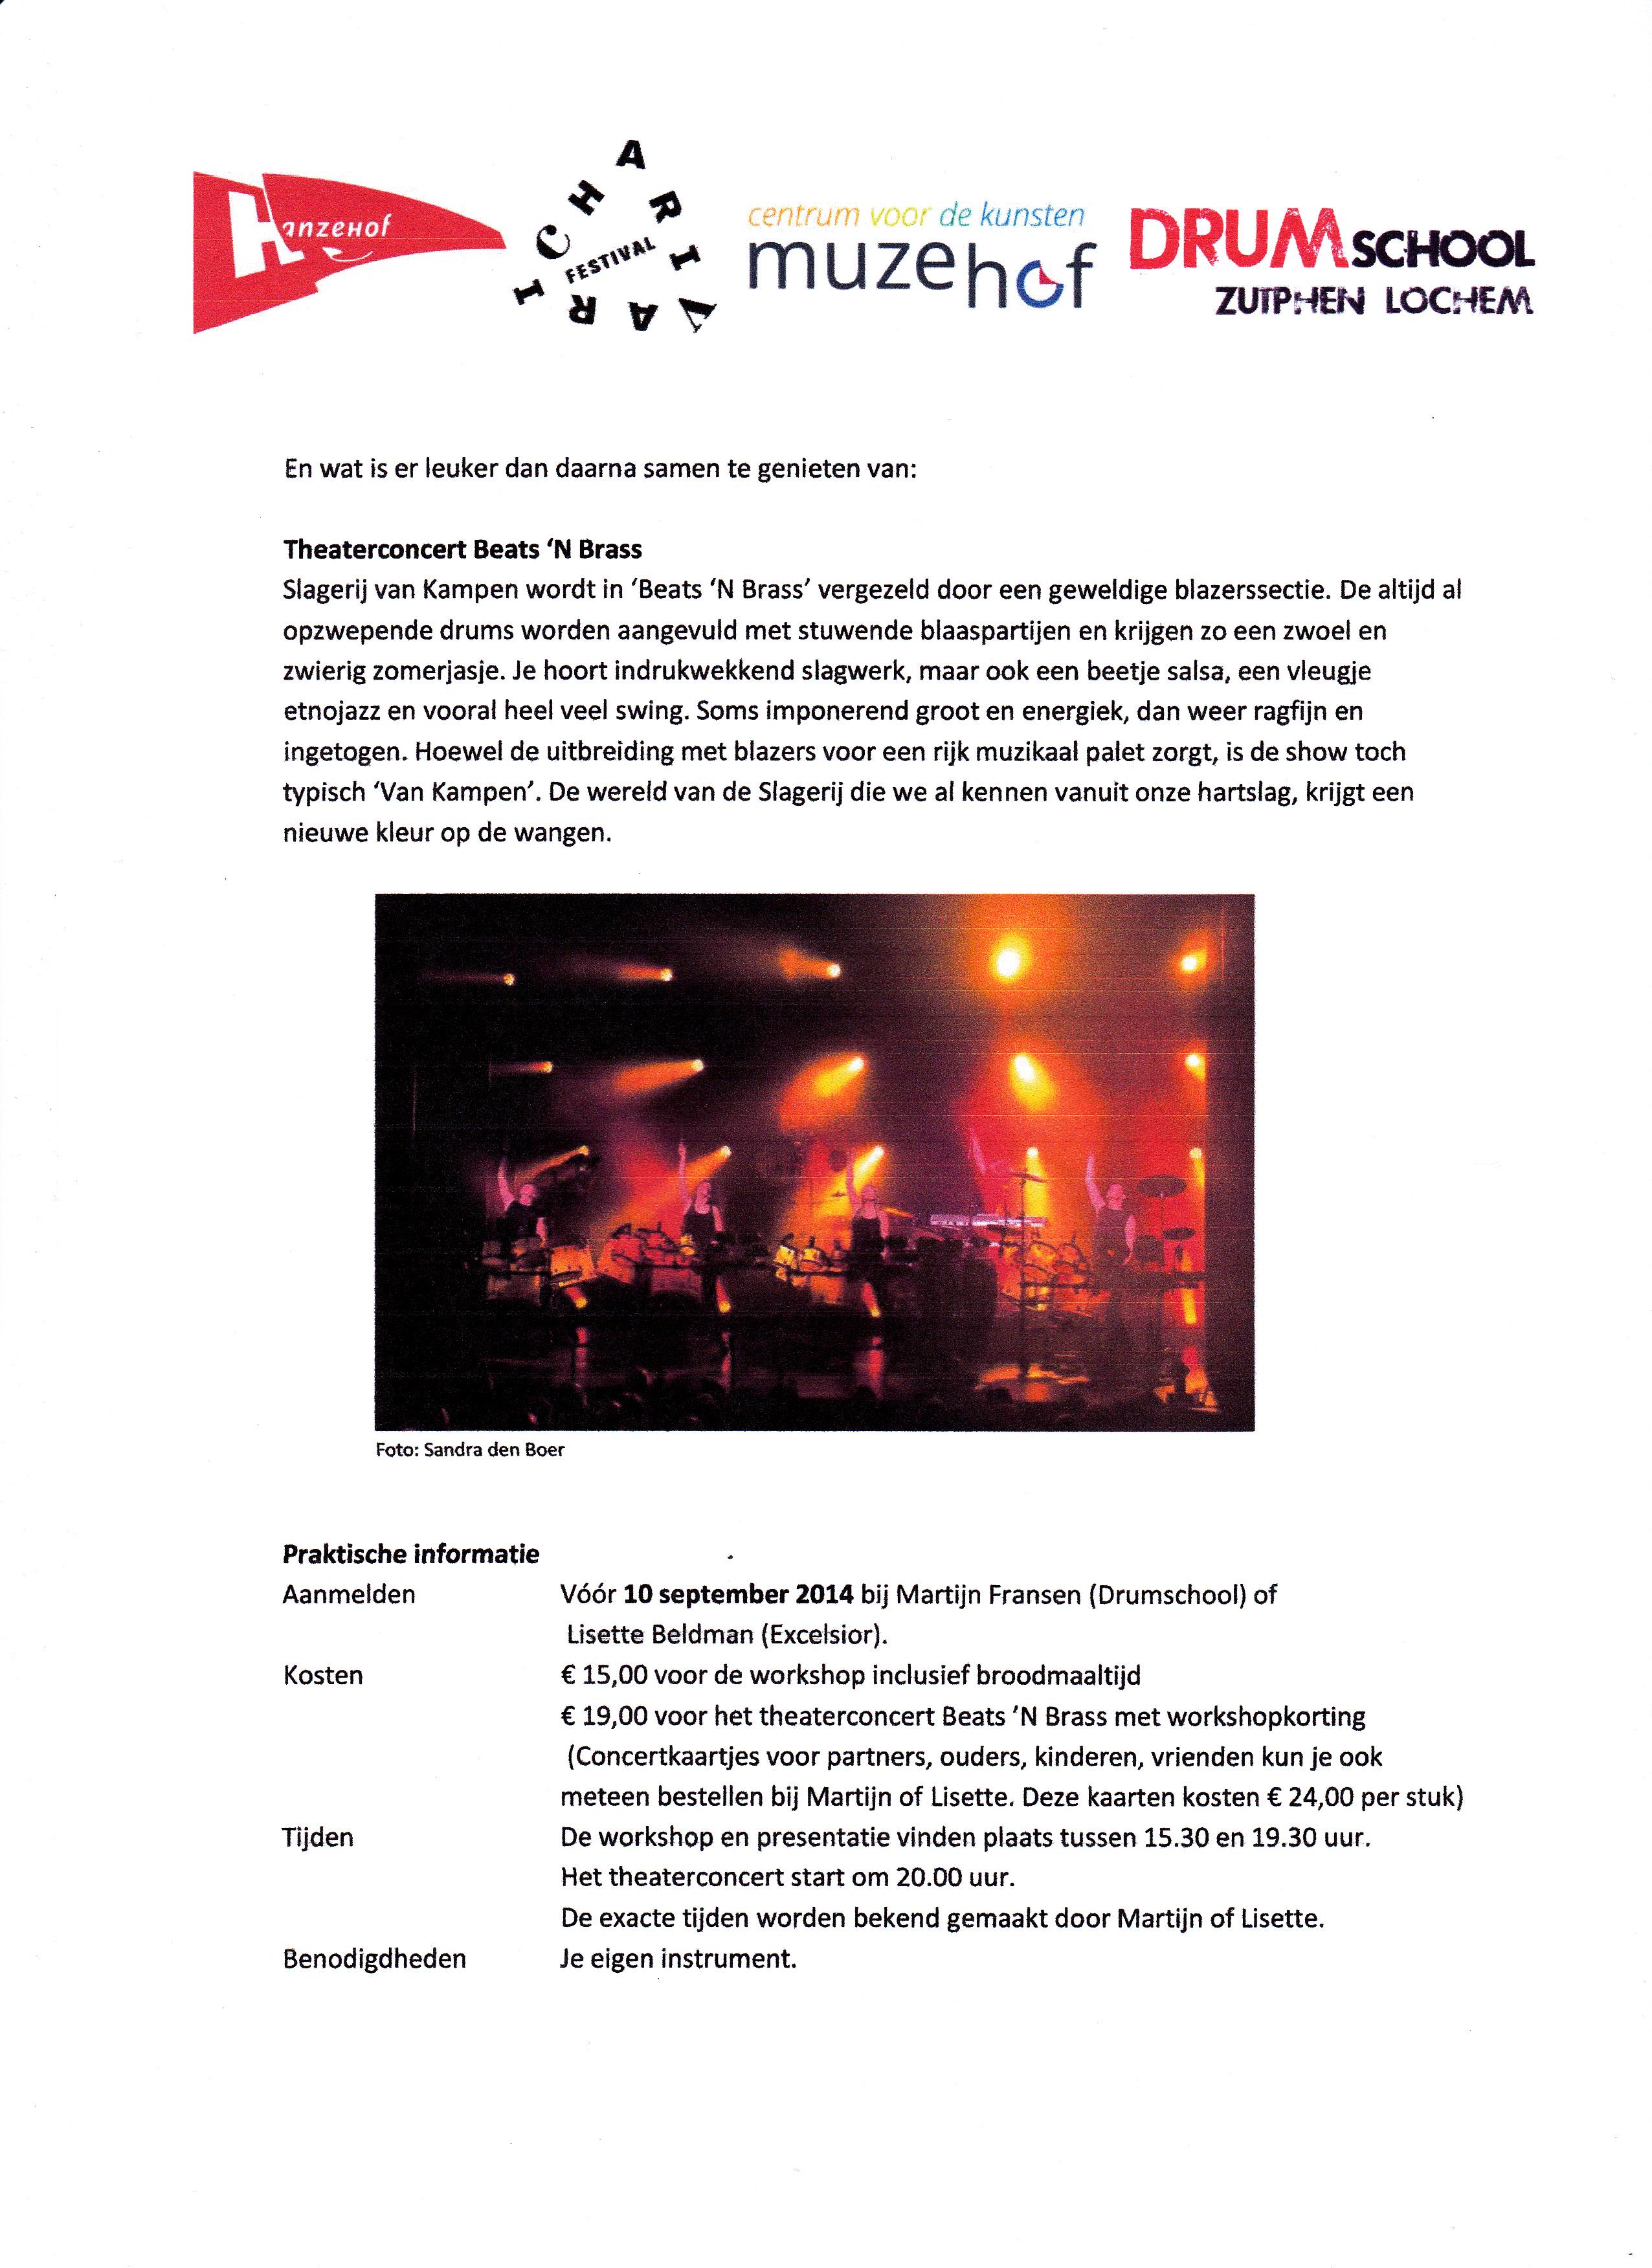 Uitnodiging workshop en concert Slagerij van Kampen 2